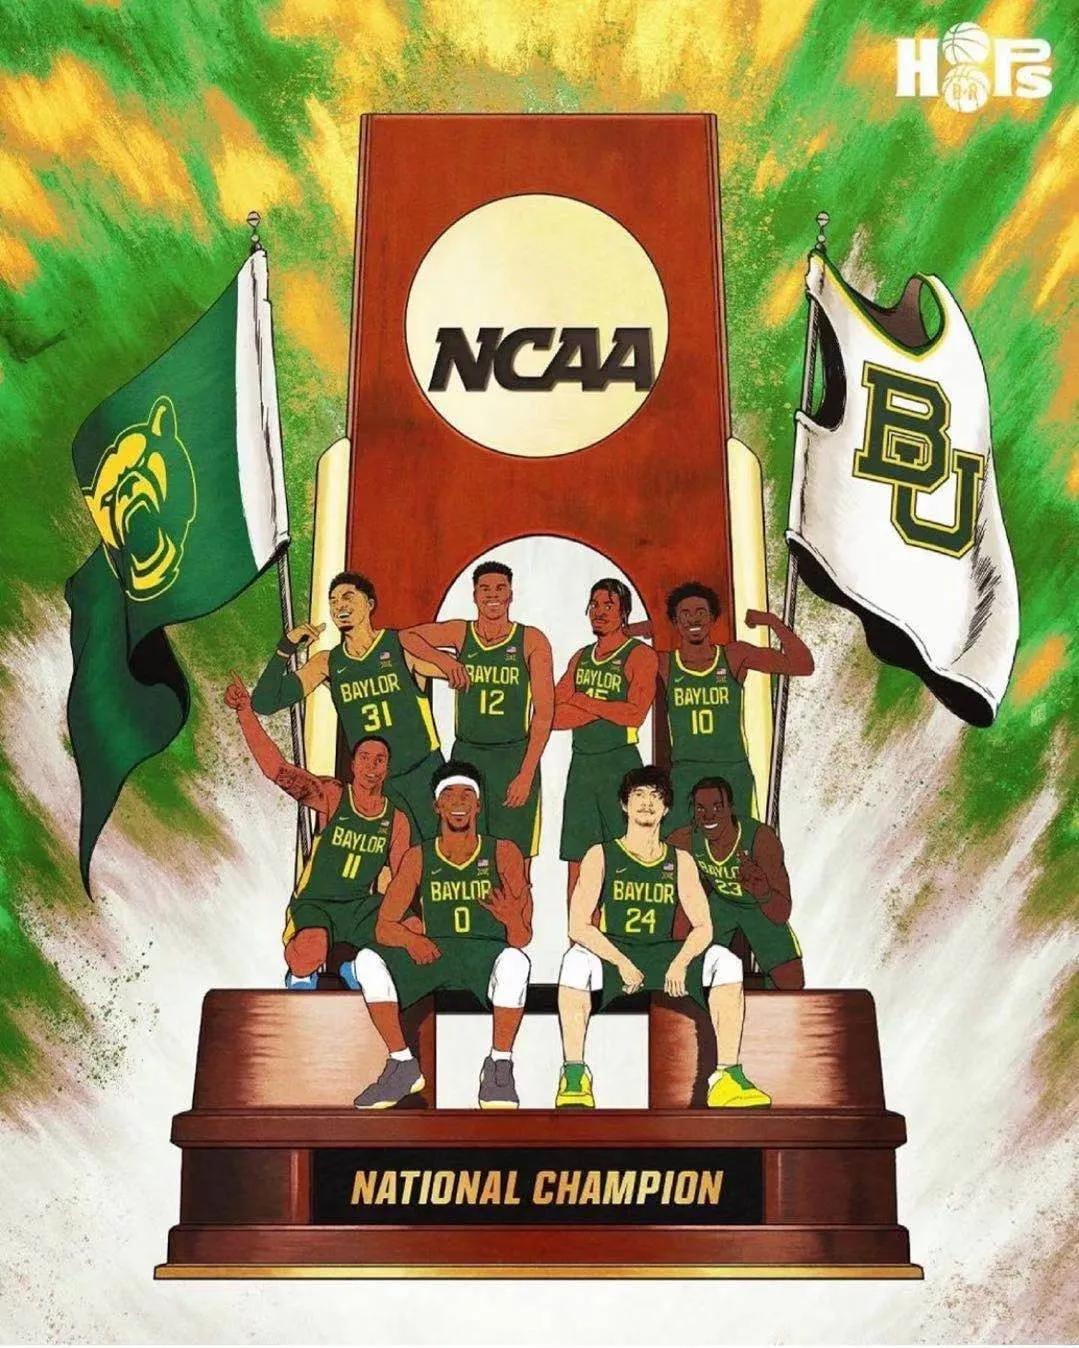 NCAA纵容三月开幕!115年首冠眼前,体育是最佳的教育